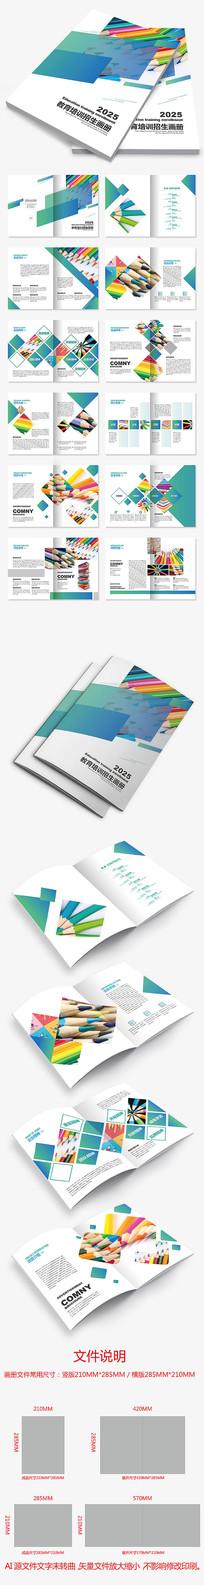 蓝色开学学校教育培训招生画册设计模板